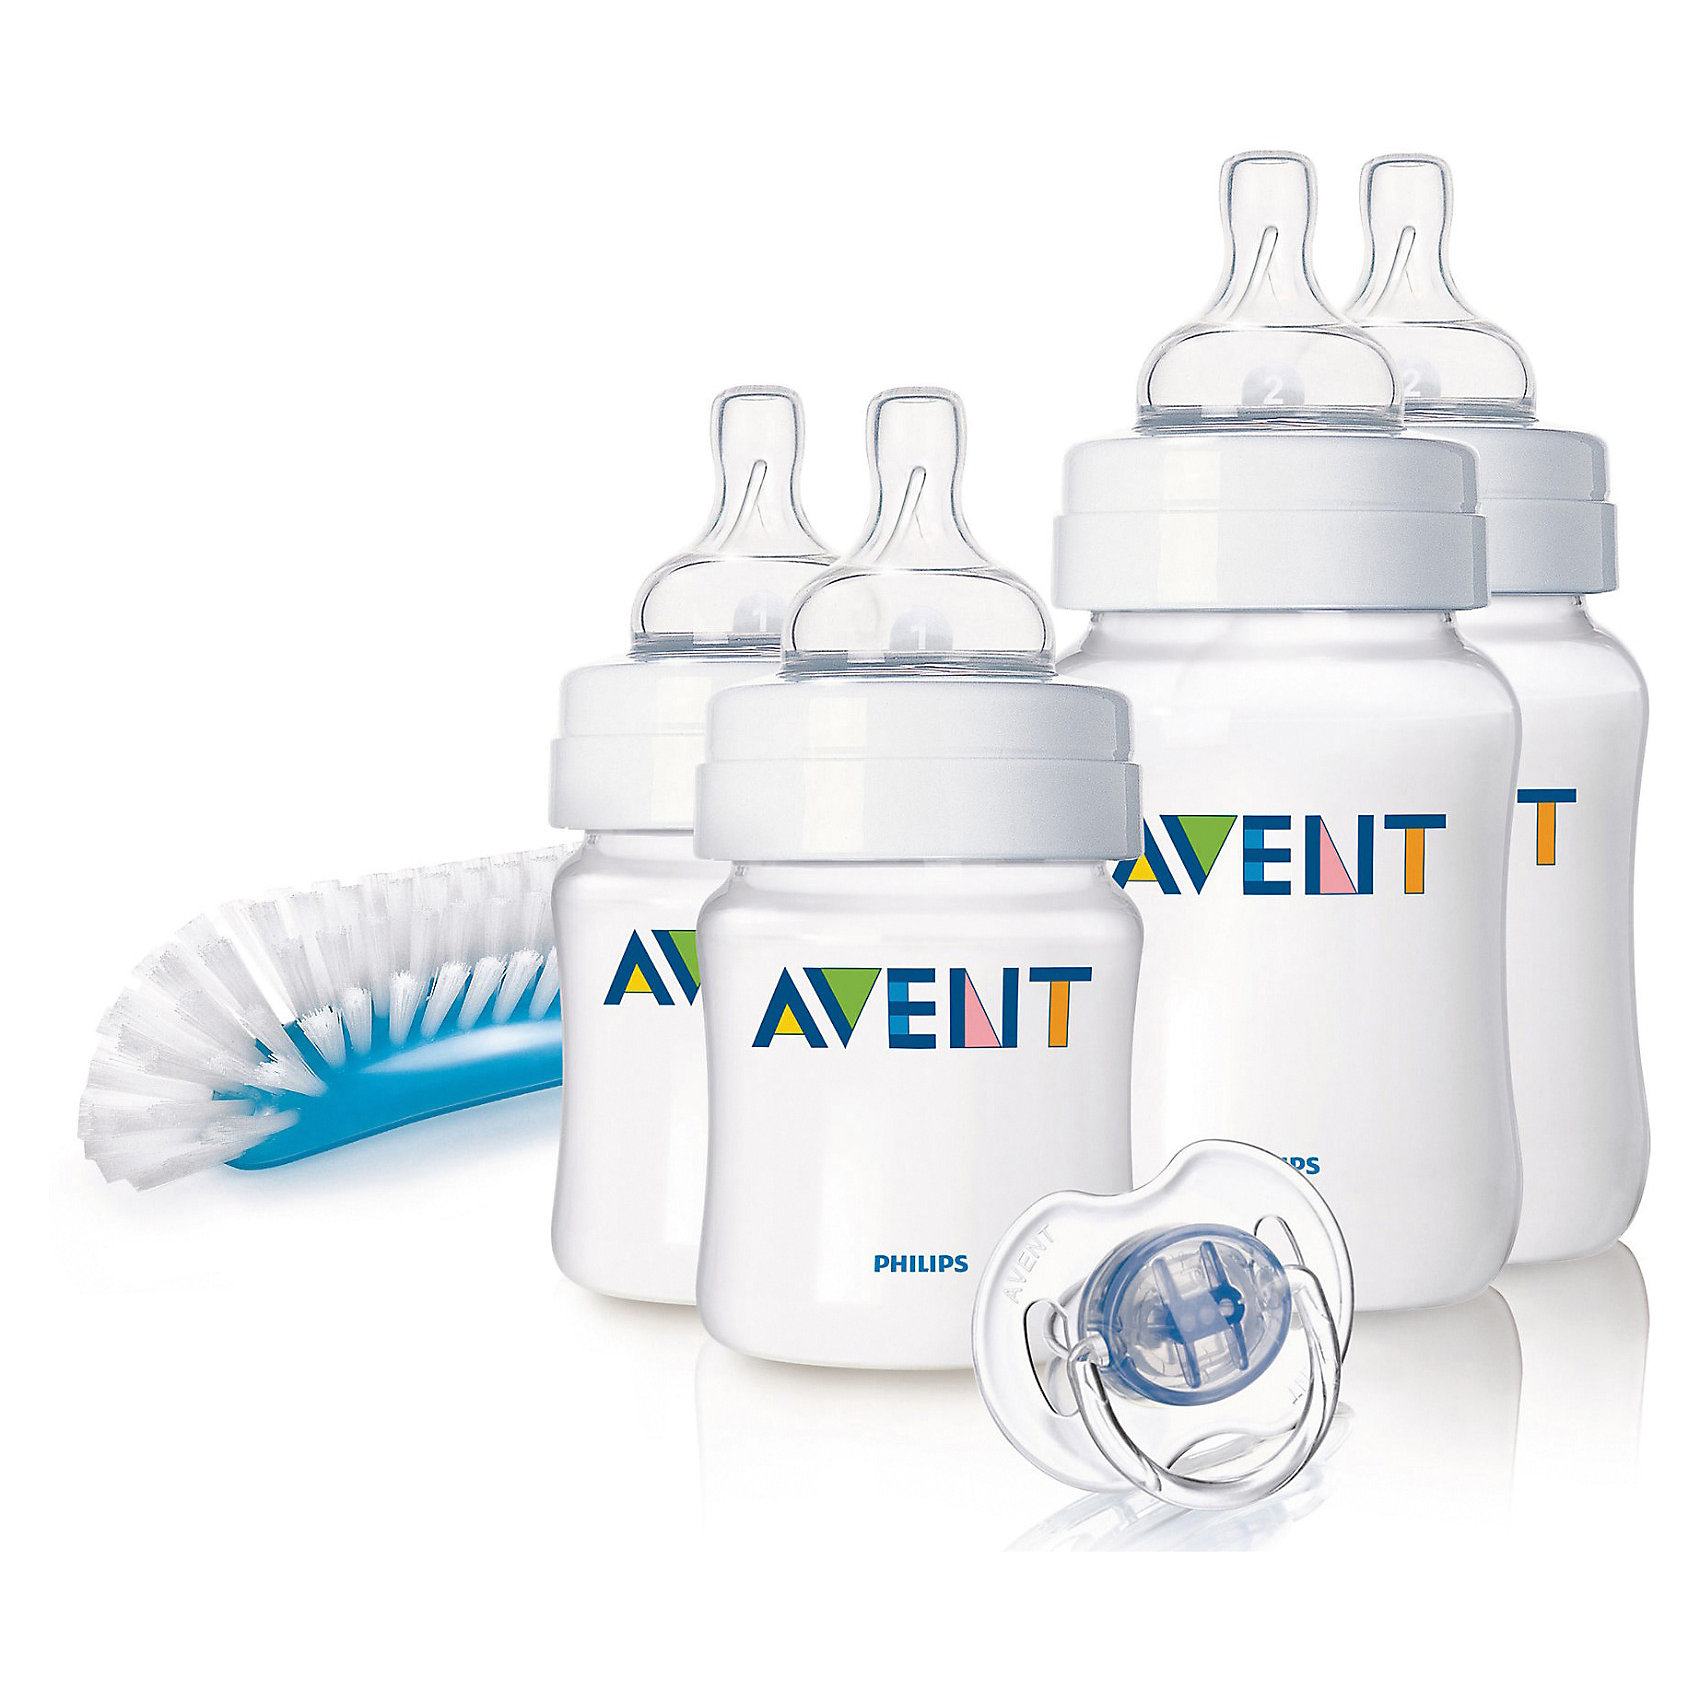 Набор для новорожденных Classic, AVENTНабор бутылочек для кормления новорожденных серии Classic от AVENT Philips - это идеальный подарок для молодой мамы и ее ребенка.<br><br>Полноценный сон и правильное питание крайне необходимы для здоровья и хорошего самочувствия малыша. Принадлежности, входящие в набор для кормления, оптимально подобраны для кормления детей с первых дней жизни.<br> <br>В наборе:<br><br>- 4 бутылочки для кормления серии Classic (2 x 125 мл и 2 x 260 мл)<br>- щеточка для бутылочек и сосок: 1 шт.<br>- пустышка серии Классика 0—6 мес. белого цвета: 1шт.<br><br>Дополнительная информация:<br><br>Антиколиковый клапан: Система предотвращения колик из двух компонентов<br>Дизайн бутылочки: Широкое горлышко, Эргономичный дизайн<br>Использование бутылочки: Легко чистится, Легко держать<br>Соска: Сгибается в соответствии с ритмом кормления<br><br>Не содержит бисфенола-A.<br><br>Размеры упаковки (д/ш/в): 10 х 28 х 22 см.  <br><br>Всё самое необходимое для малыша с рождения!<br><br>Ширина мм: 100<br>Глубина мм: 280<br>Высота мм: 220<br>Вес г: 548<br>Возраст от месяцев: 0<br>Возраст до месяцев: 24<br>Пол: Унисекс<br>Возраст: Детский<br>SKU: 2174476